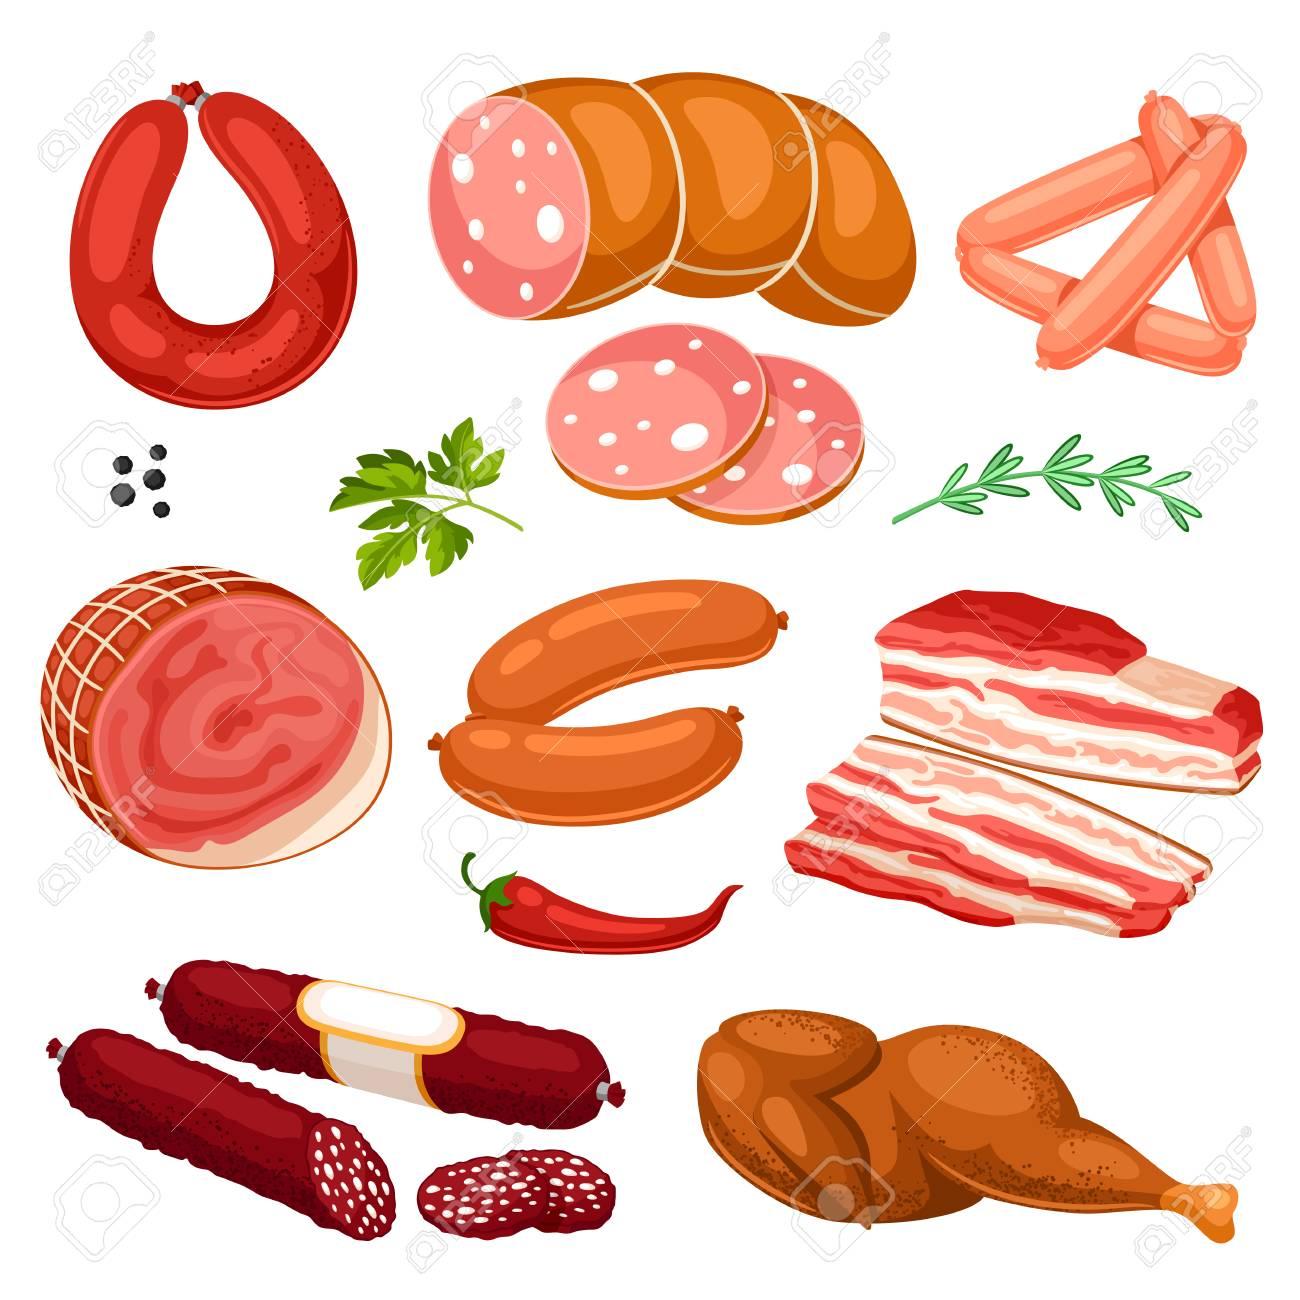 肉製品のセットですソーセージベーコンおよびハムのイラストの